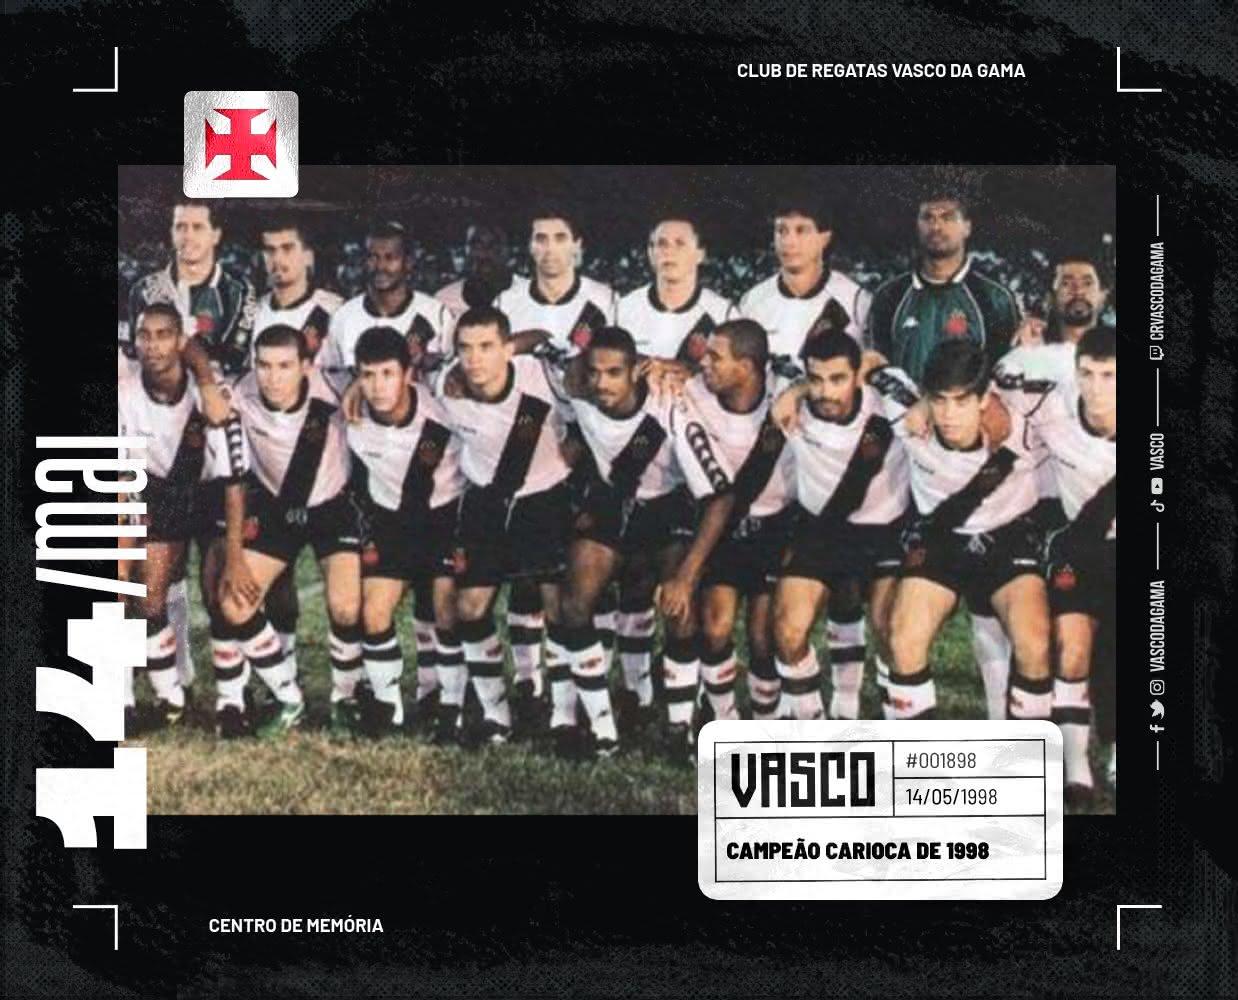 Vasco venceu o Carioca de 98 de forma invicta no centenário